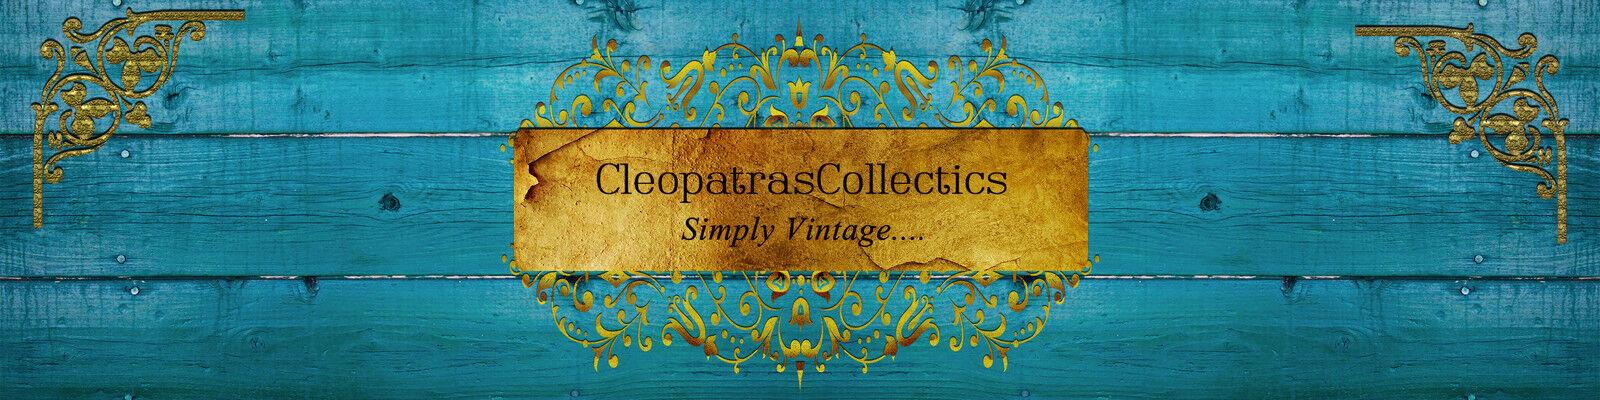 CleopatrasCollectics